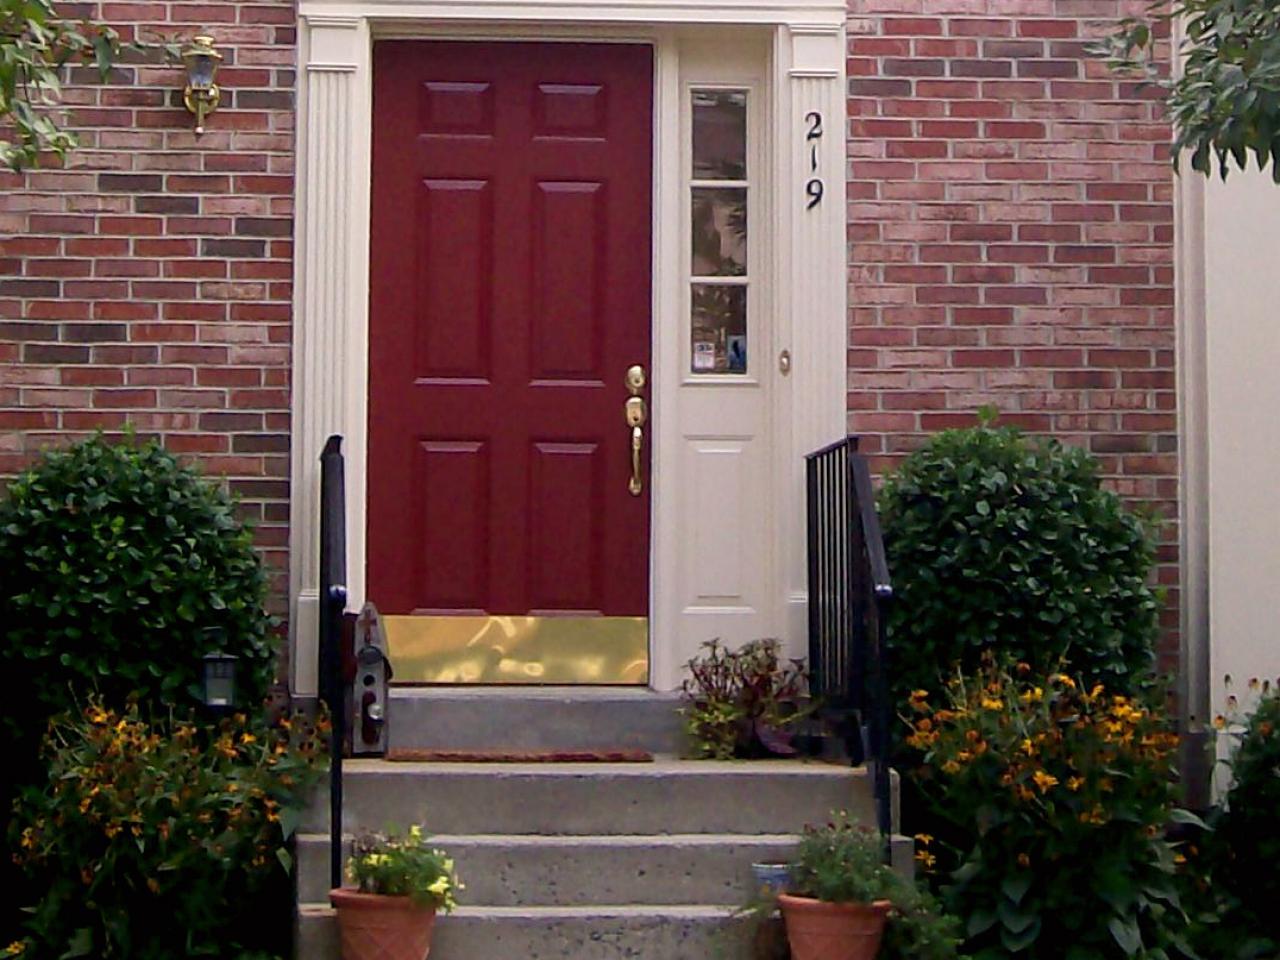 hsold210-red-front-door.jpg.rend.hgtvcom.1280.960